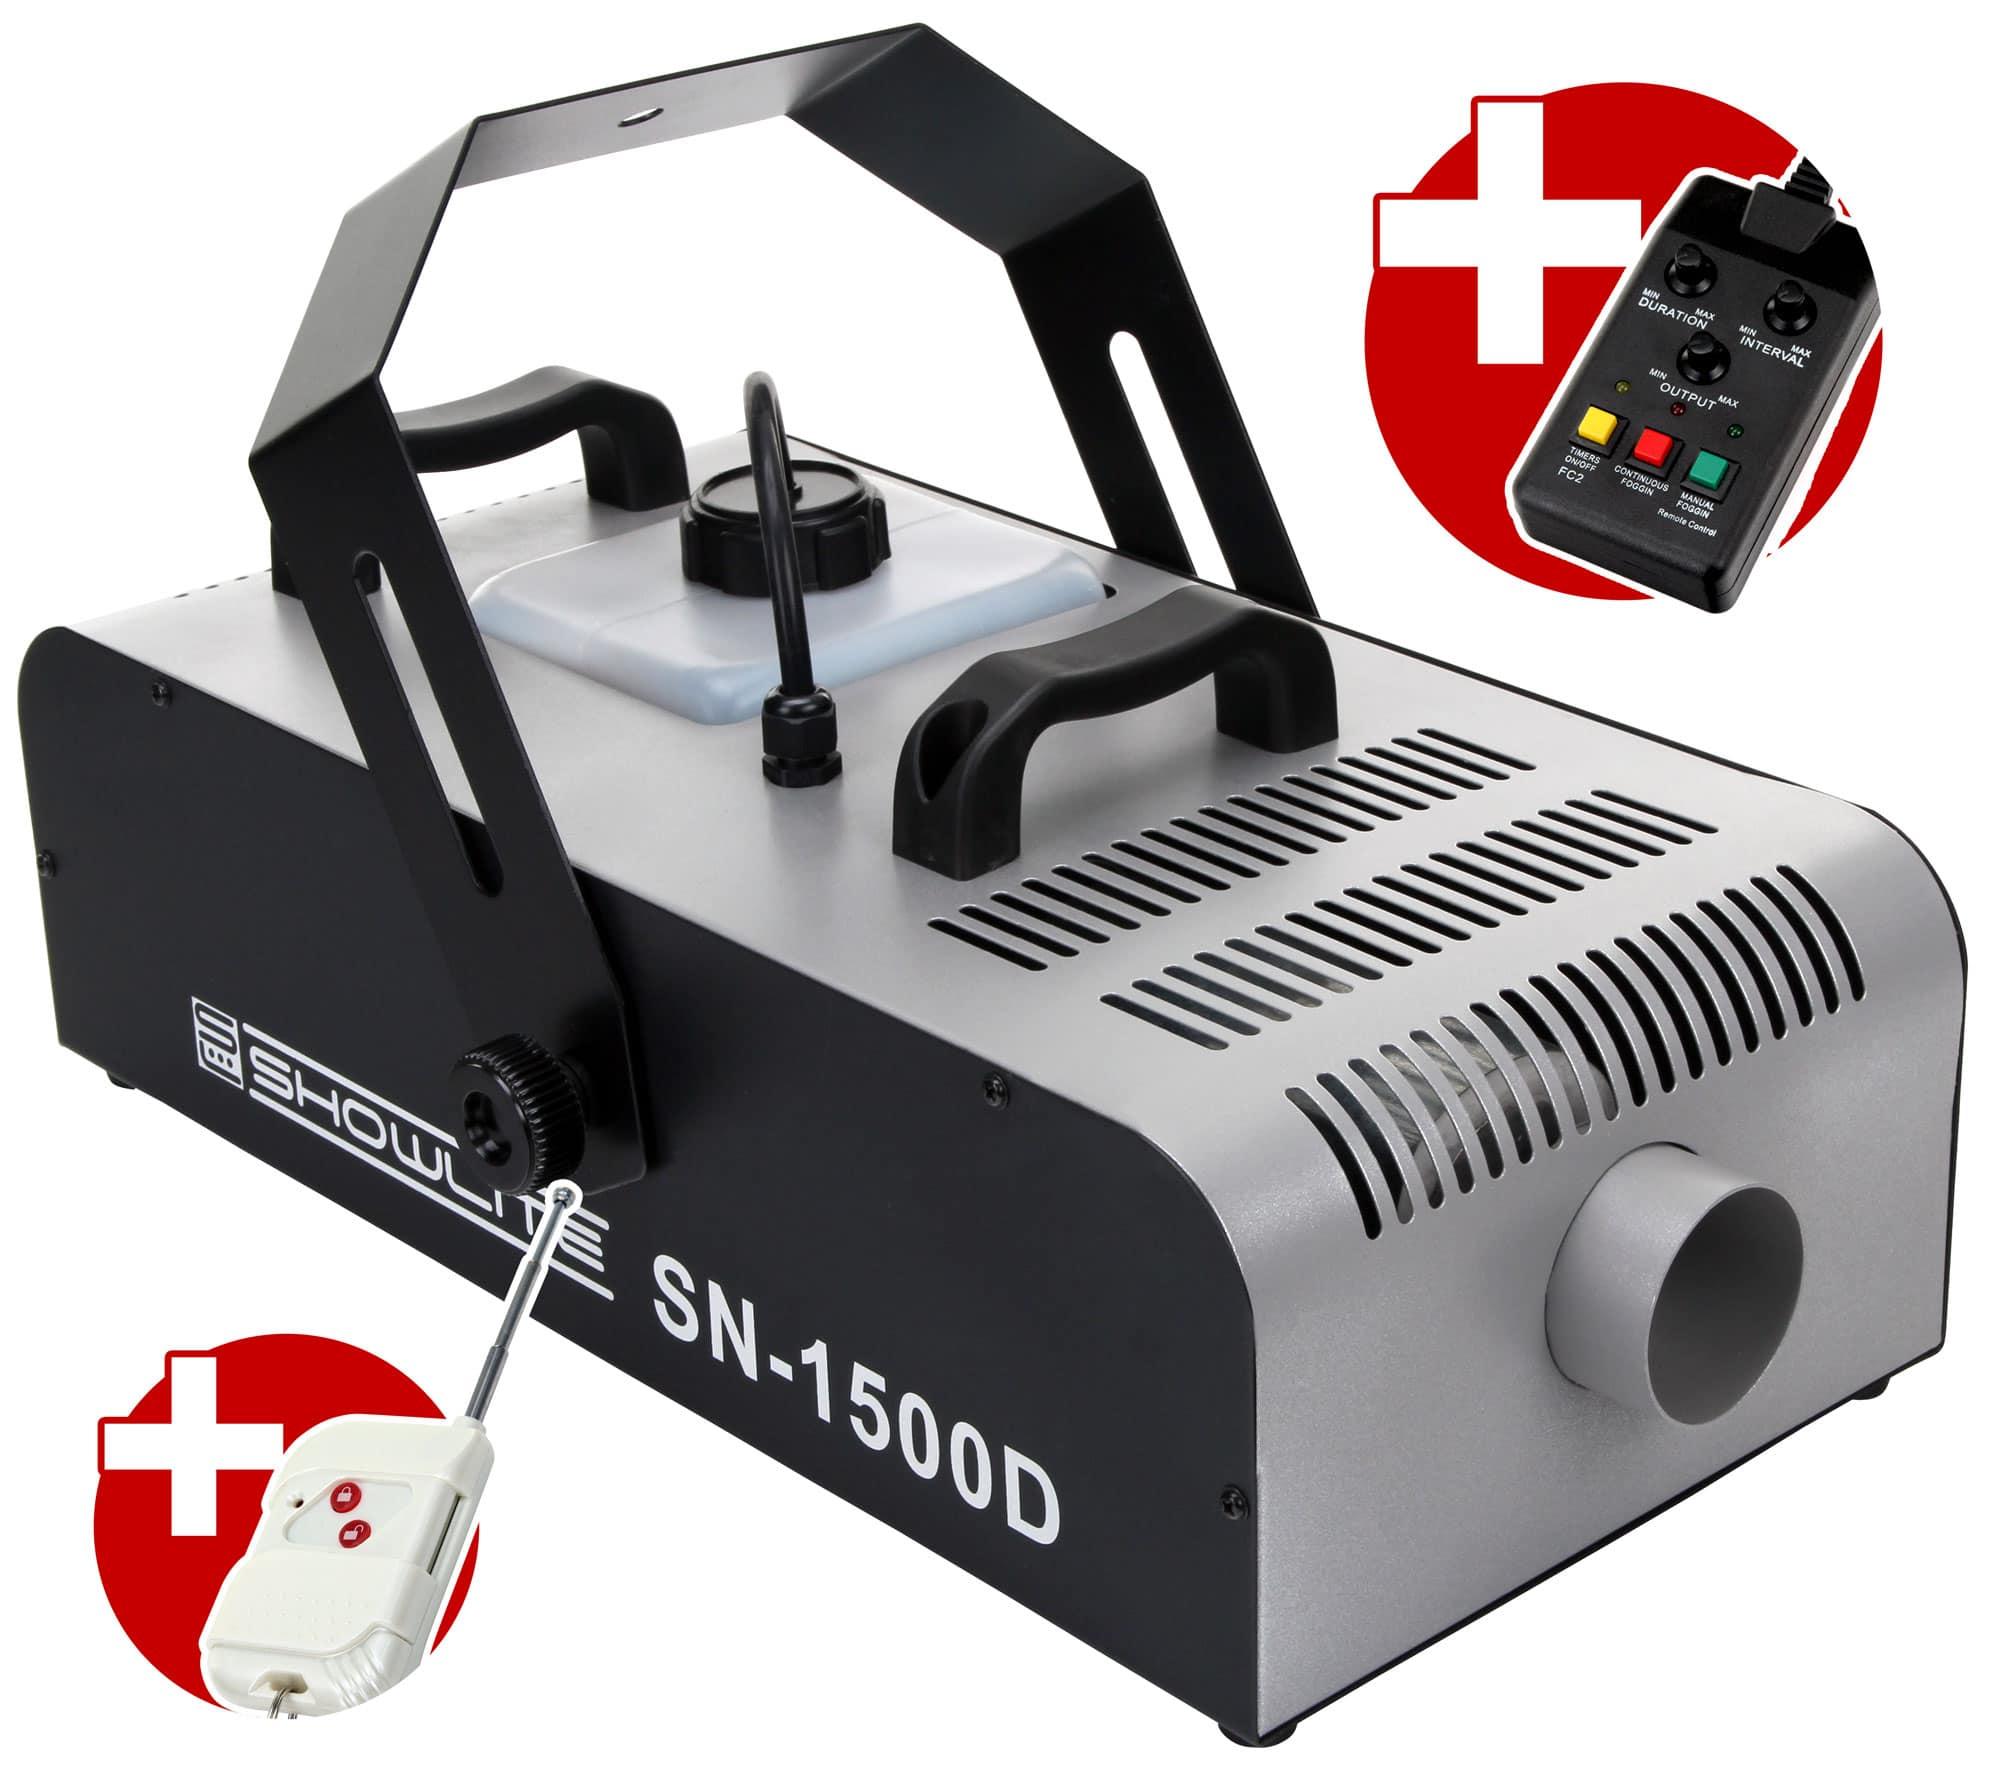 Showlite SN 1500D DMX Nebelmaschine 1500W inkl. Fernbedienung mit Timer